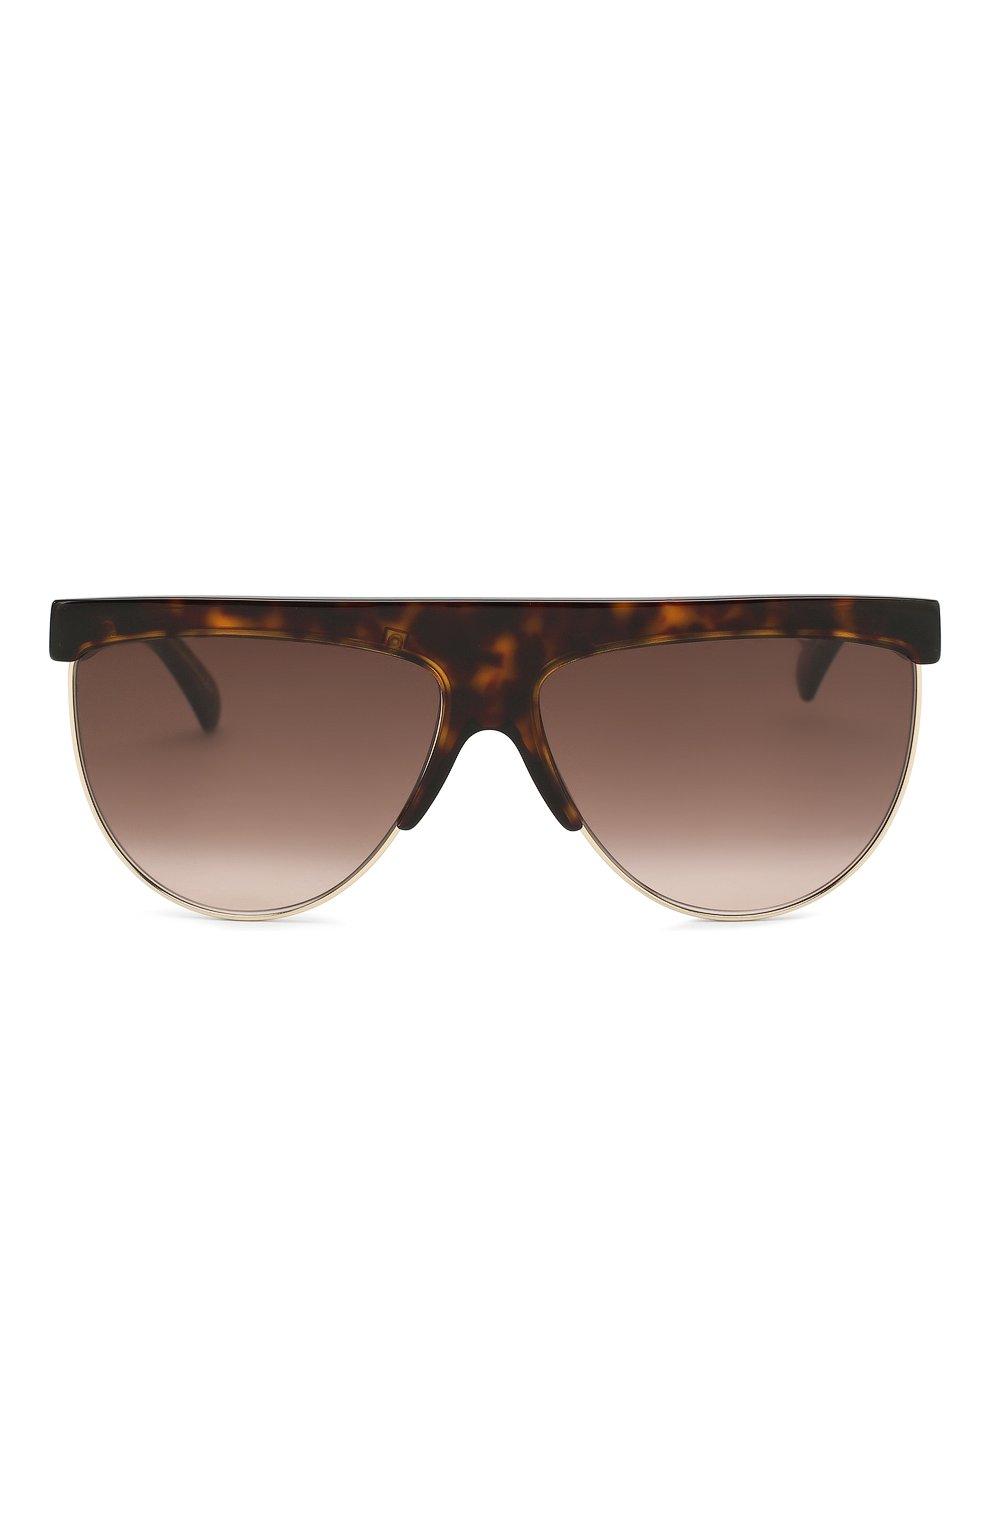 Женские солнцезащитные очки GIVENCHY коричневого цвета, арт. 7118/G 086 | Фото 3